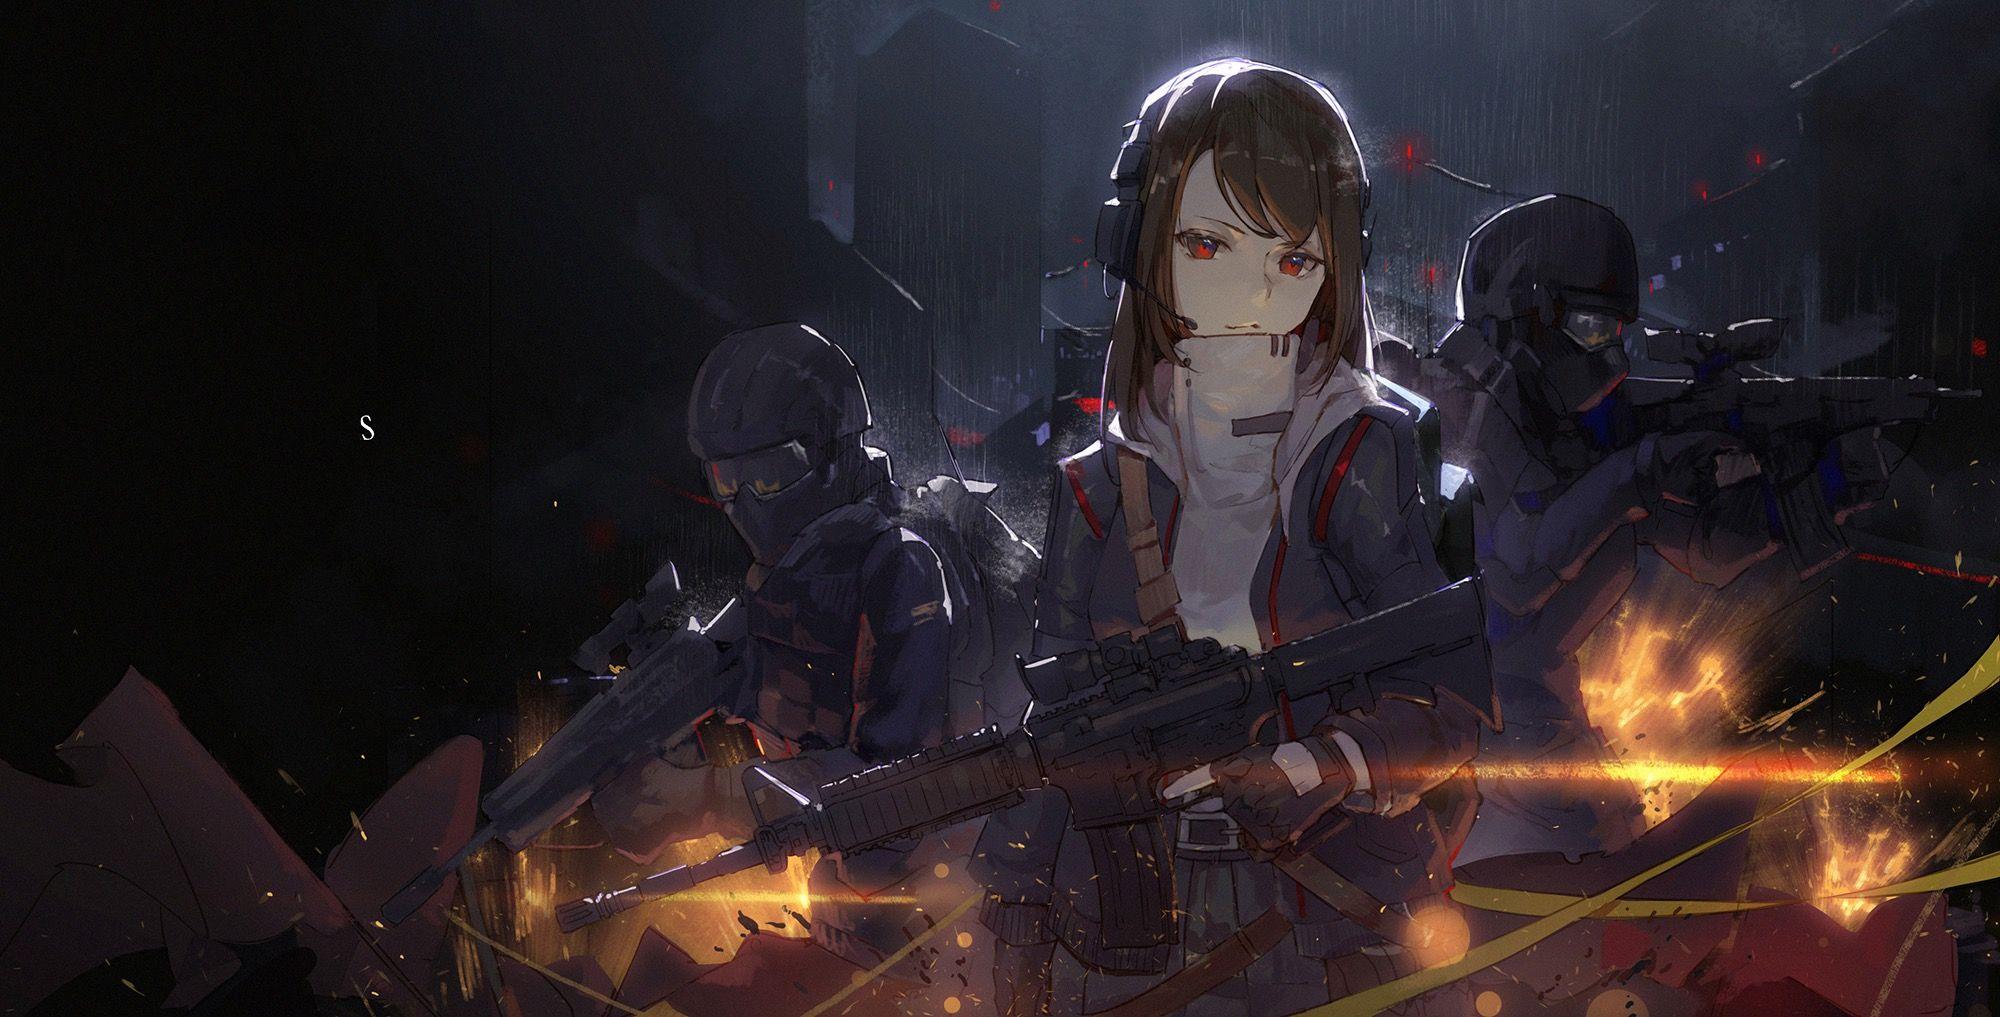 Pin de 악의라 en ㅇㅋ Guerrera anime, Ilustraciones, Cyberpunk